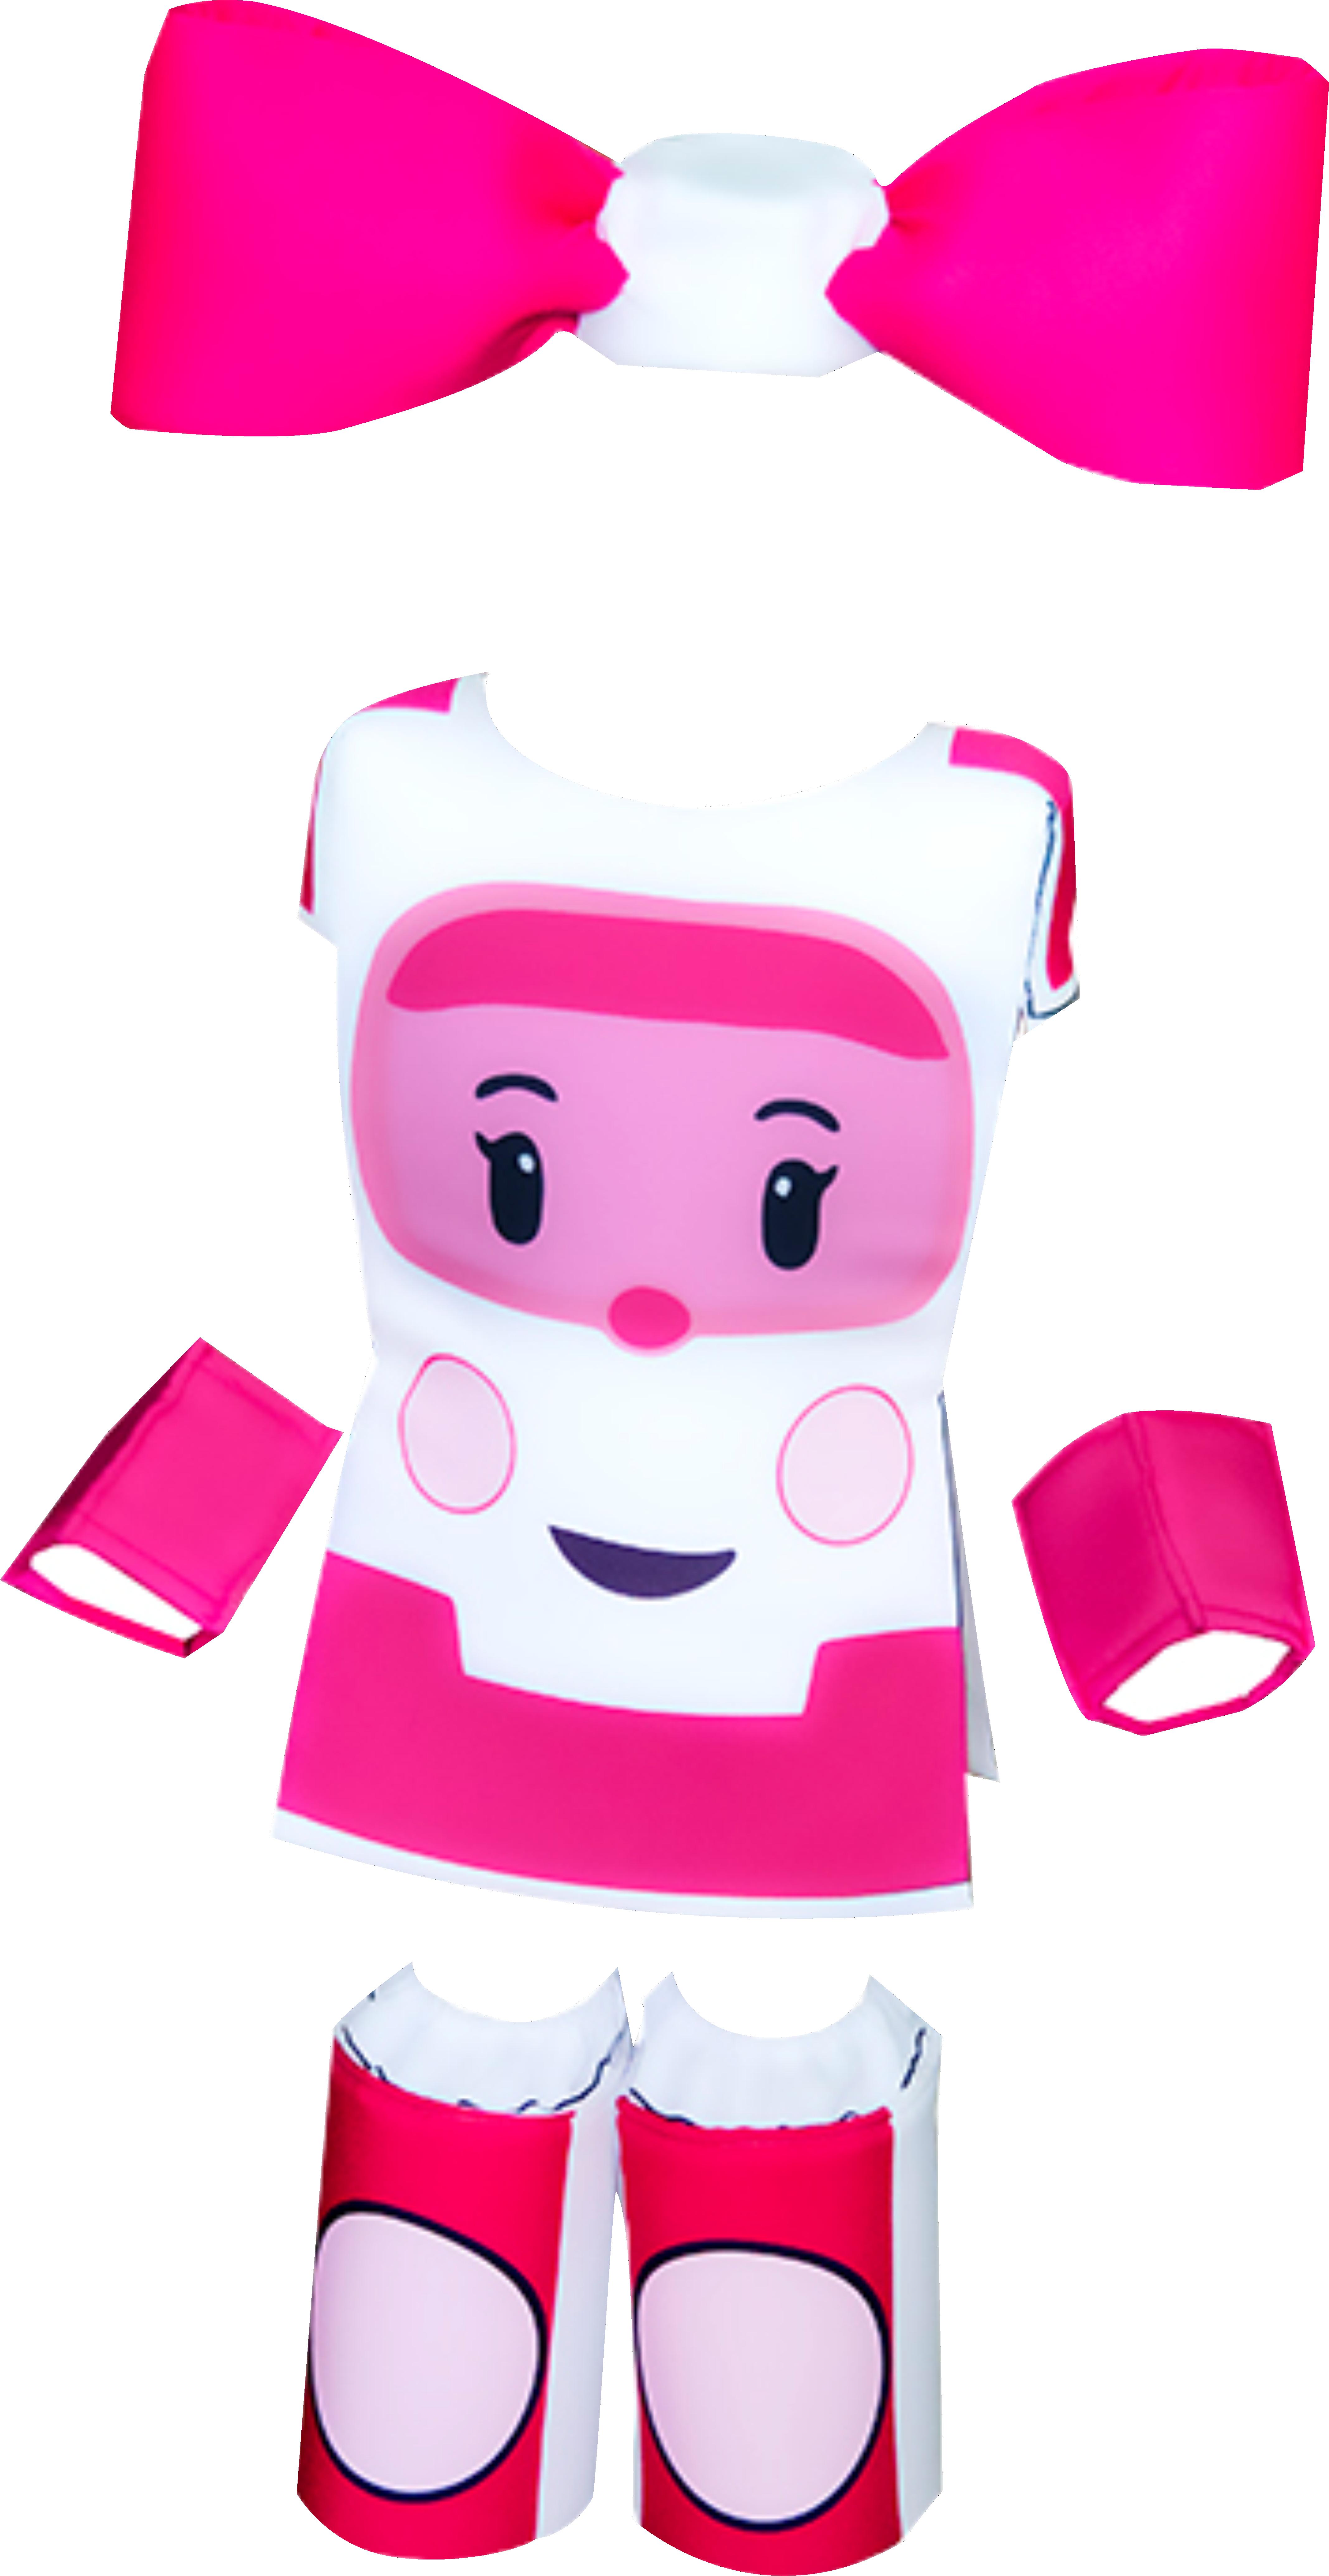 детская костюм костюмы продажа новогодние розовый год новый креатив печать сублимация праздник детям робокар сублимационная трансформер эмбер фотопечать карнавальные герои робот купить одежда